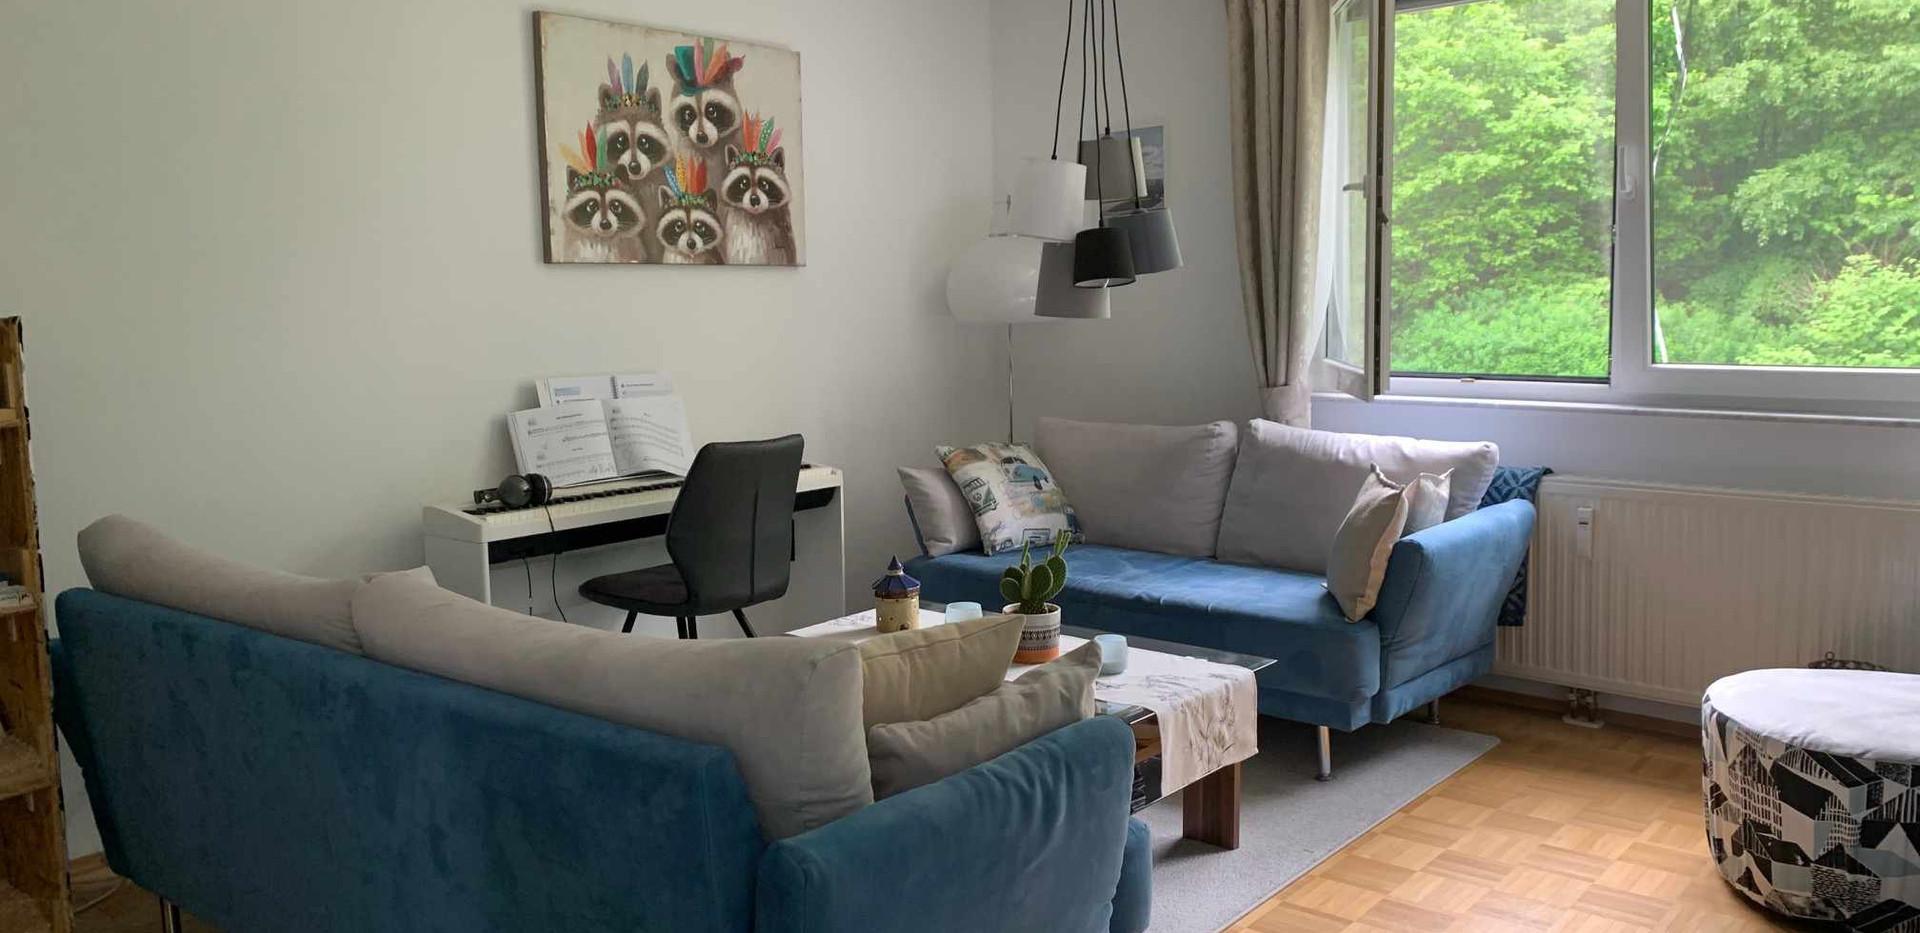 Wohnweisend_Immobilien_Wohnraum_WVME520H